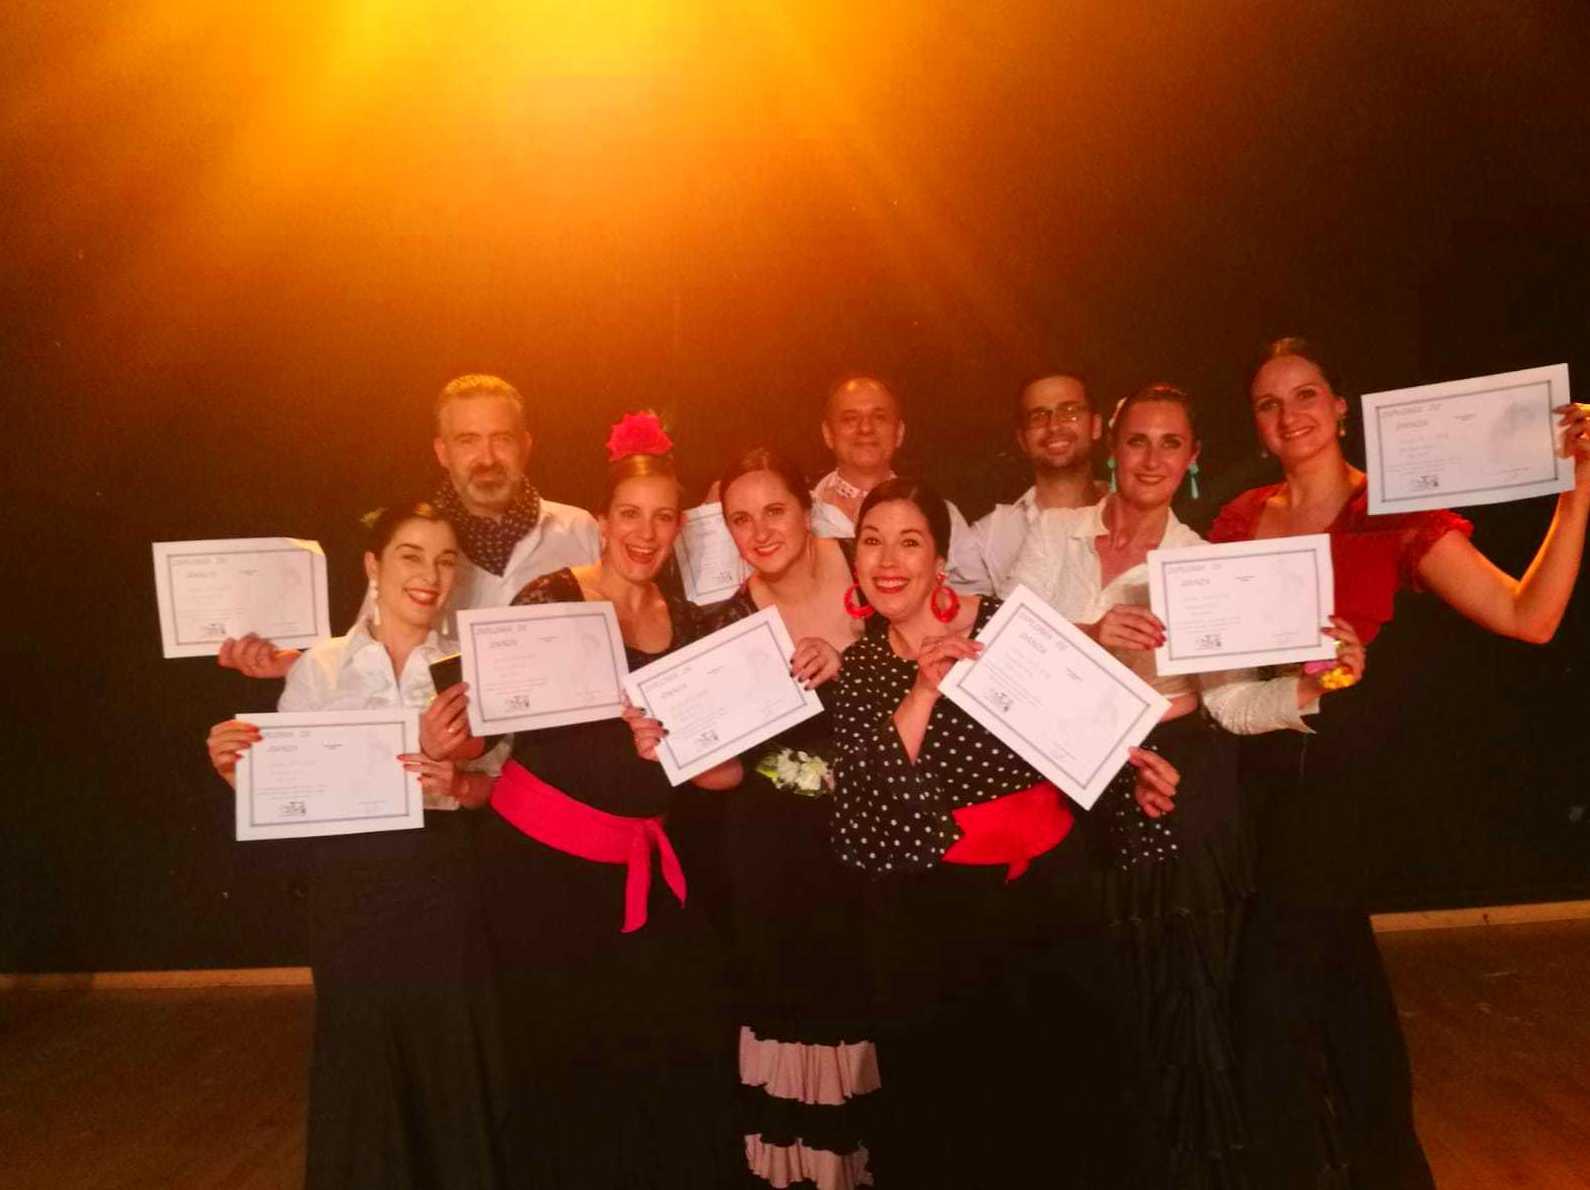 Foto 20 de Escuelas de música, danza e interpretación en Alcalá de Henares | Escuela de Danza Pepe Vento